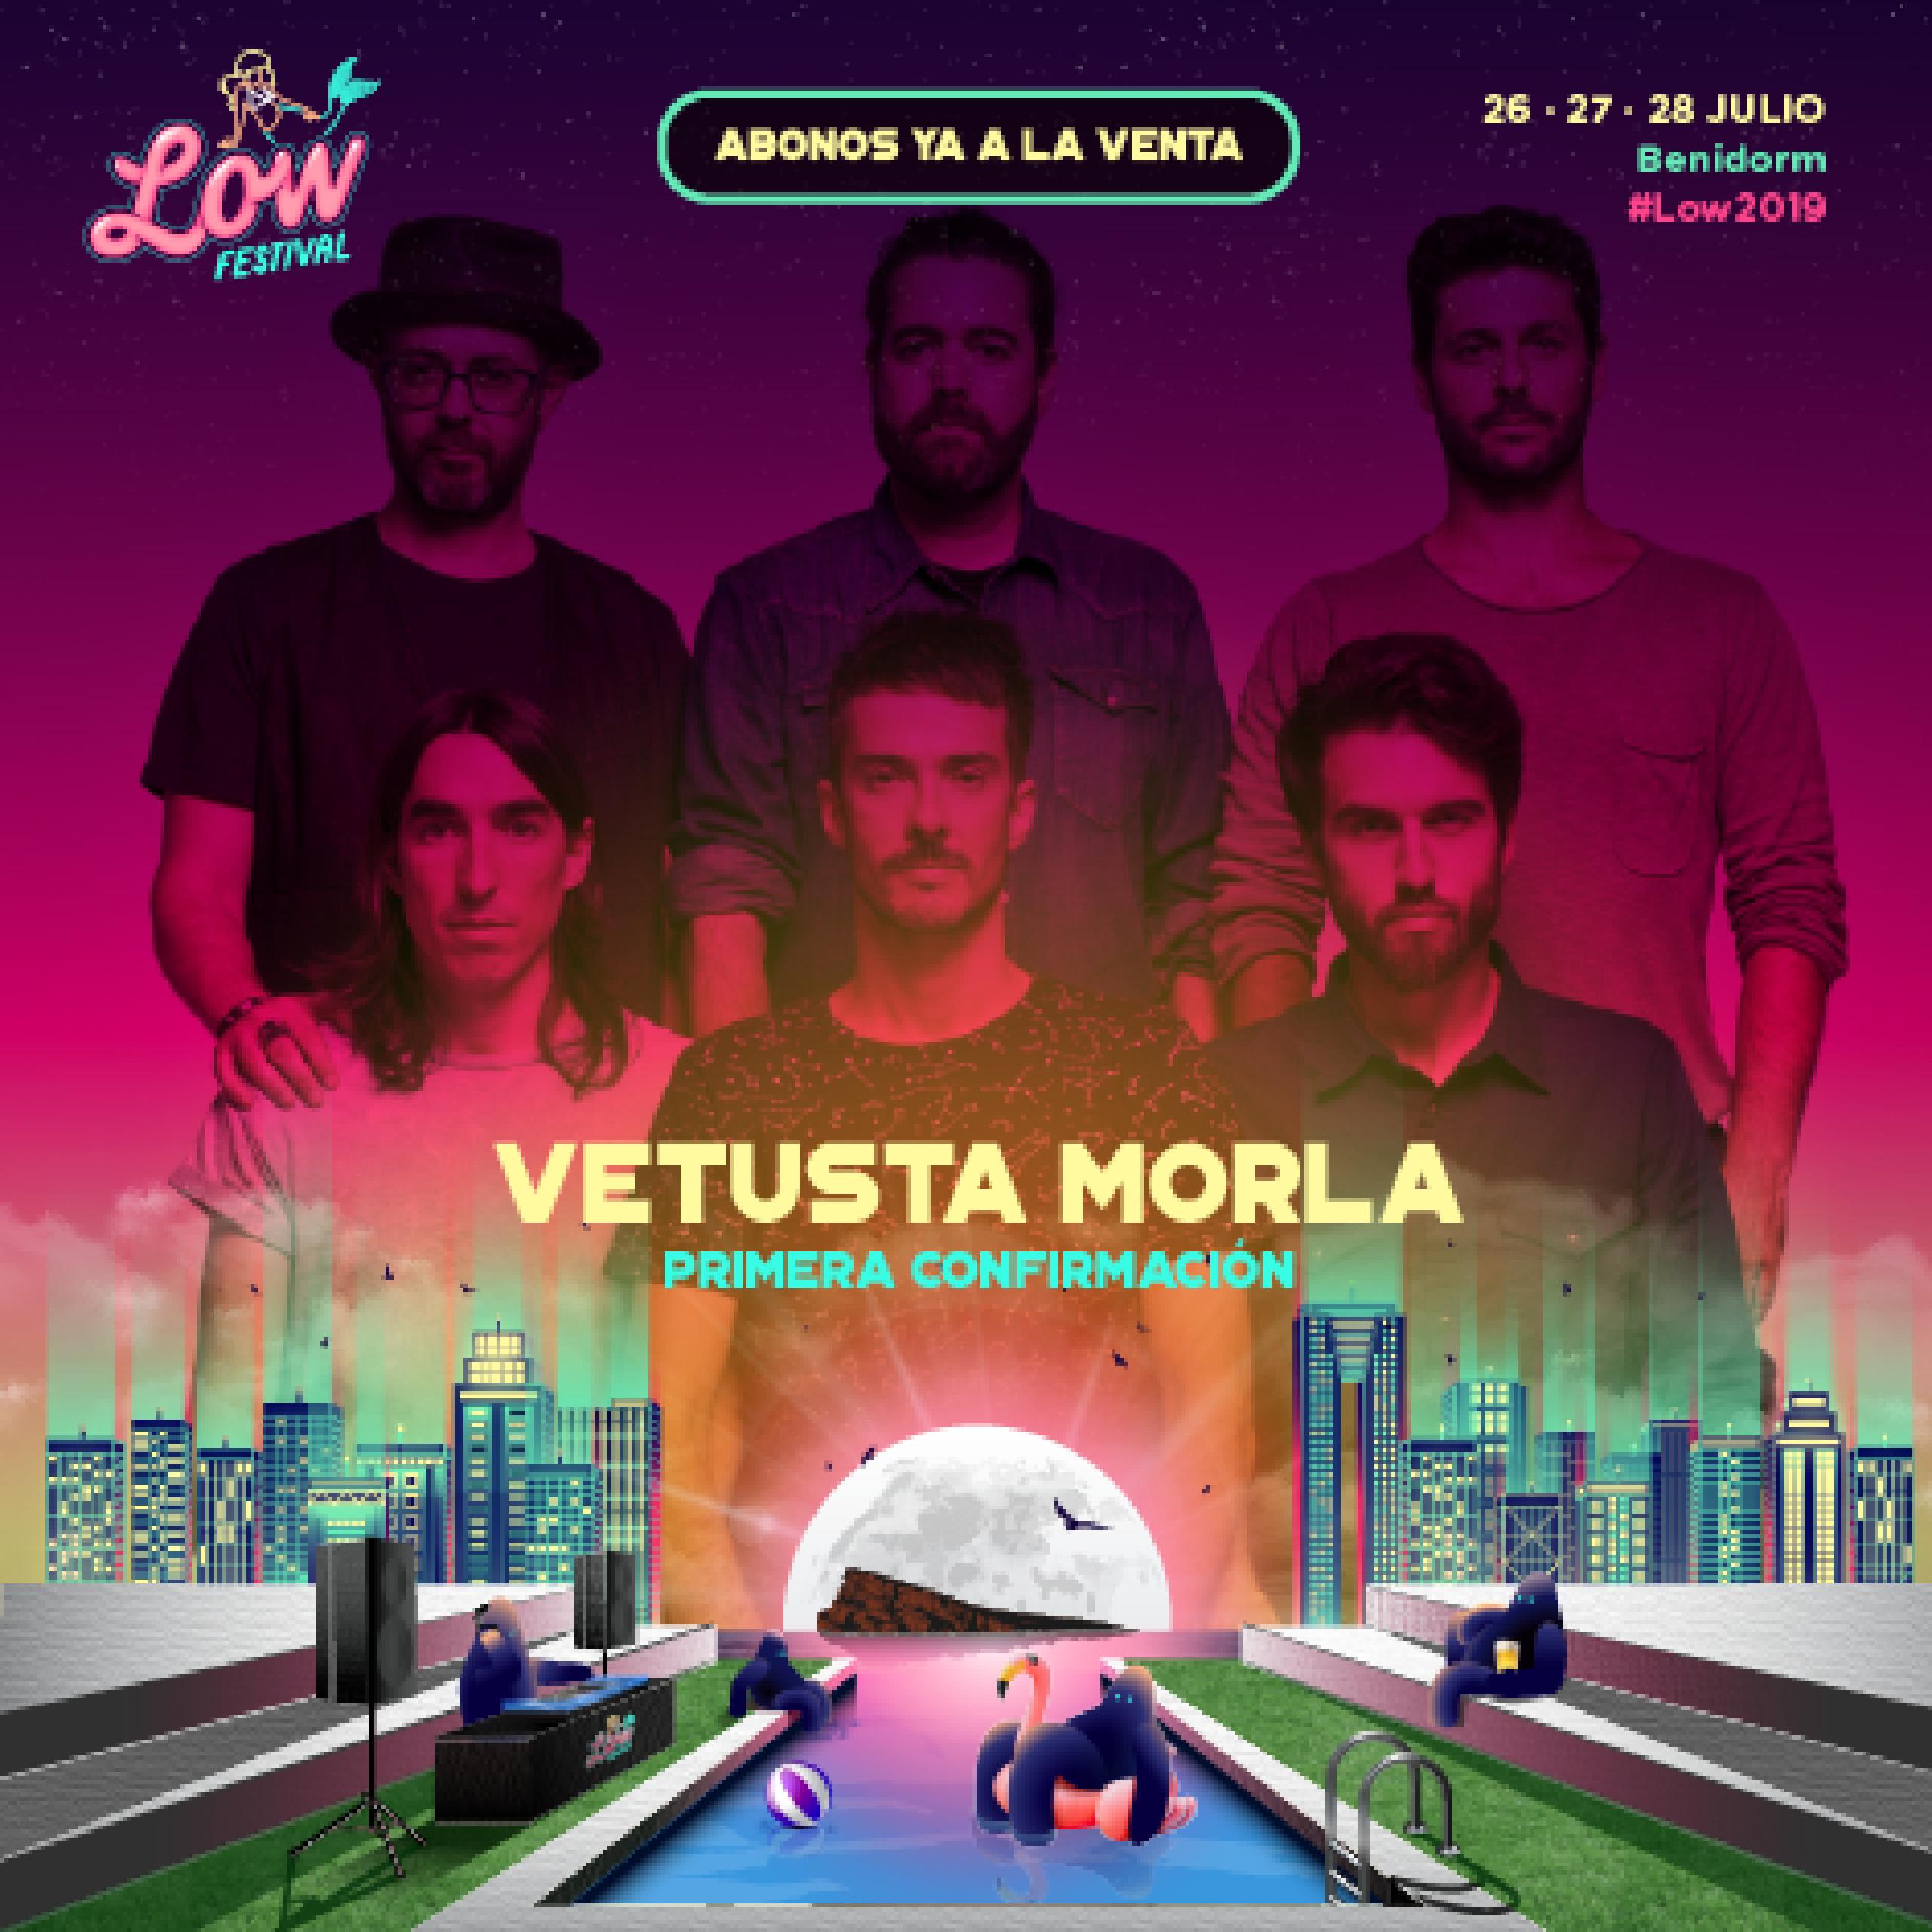 Primera confirmación Low Festival 2019 Vetusta Morla